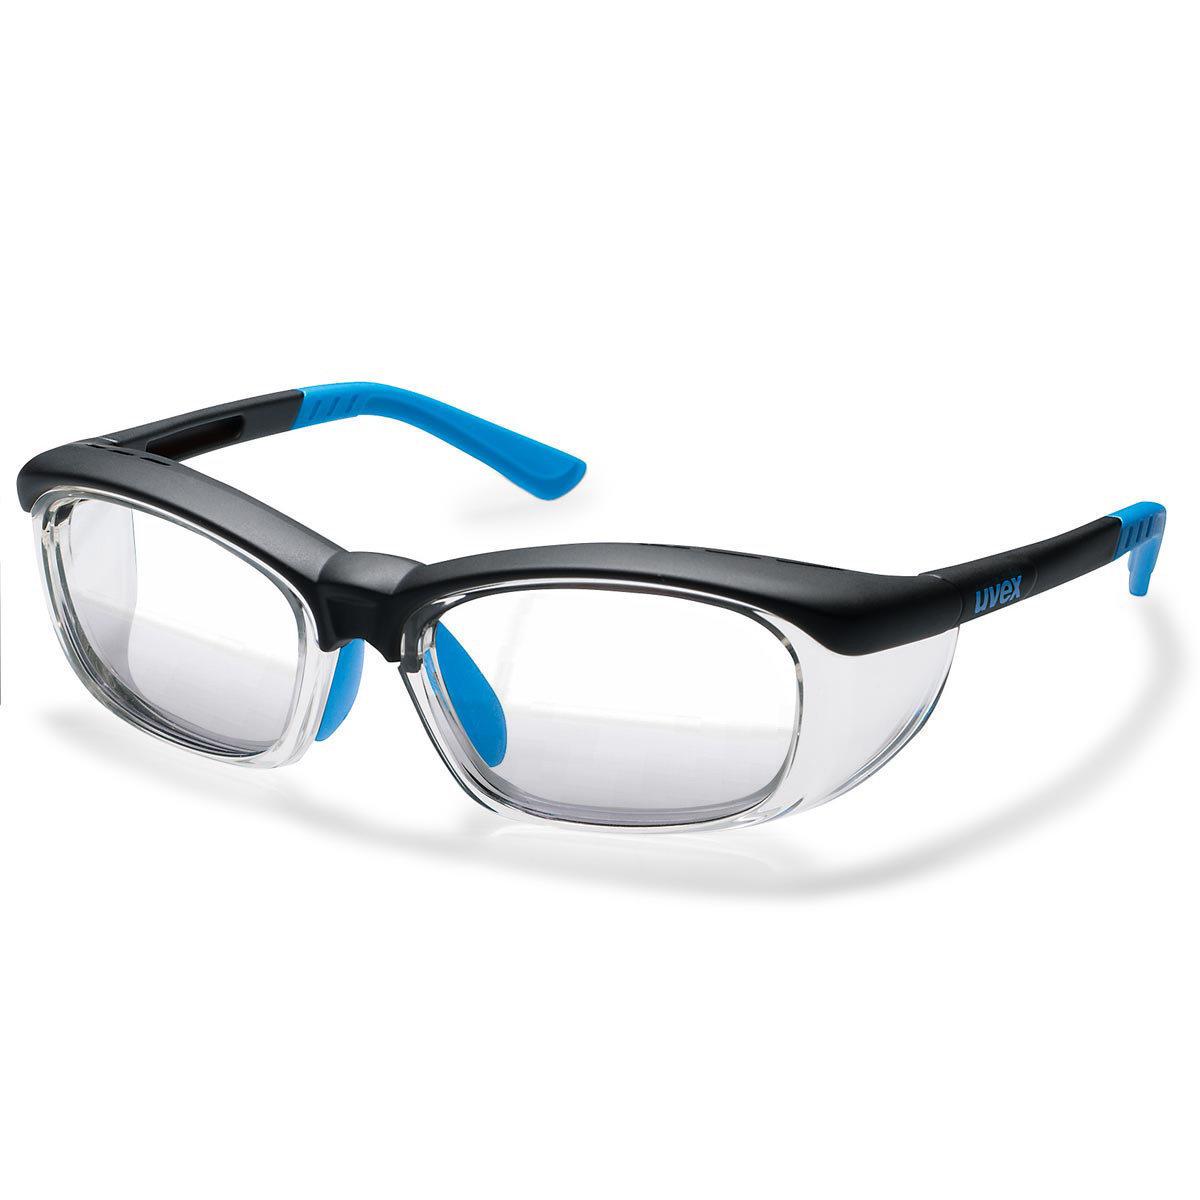 Uvex Korrektionsschutzbrille RX cd 5514 - Super-Entspiegelung